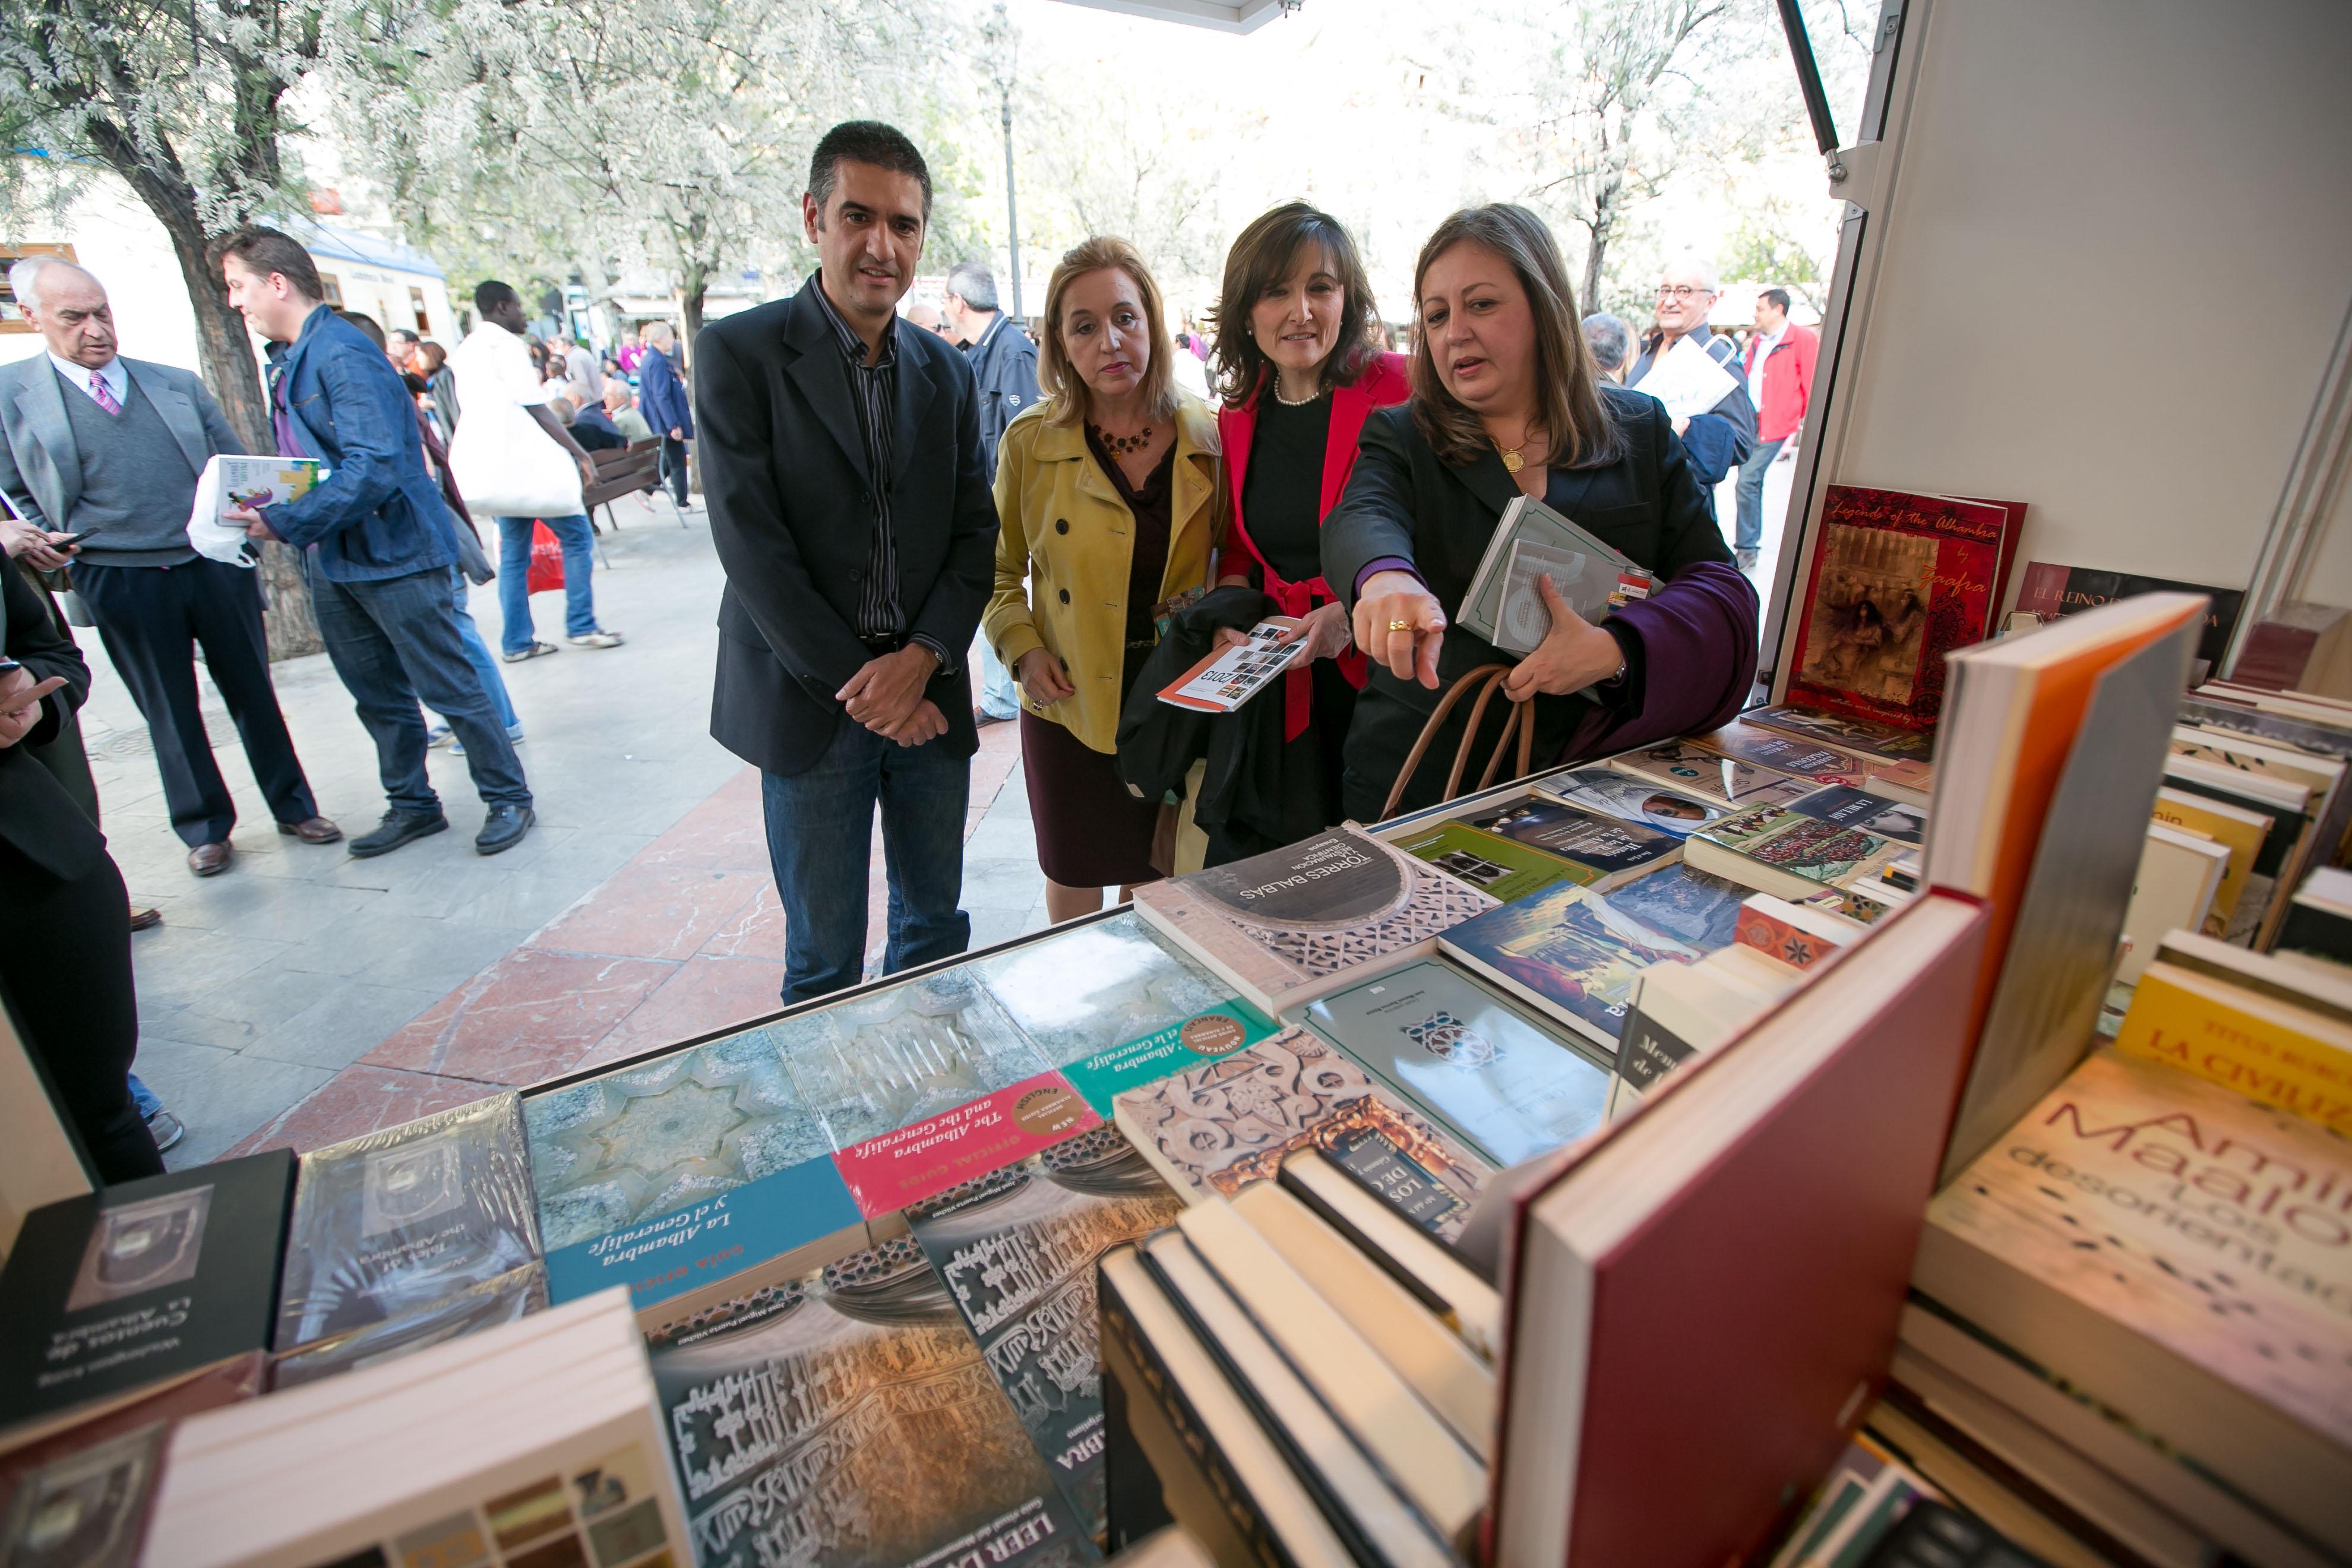 La Alhambra presenta sus nuevas publicaciones en la XXXII edición de la Feria del Libro de Granada